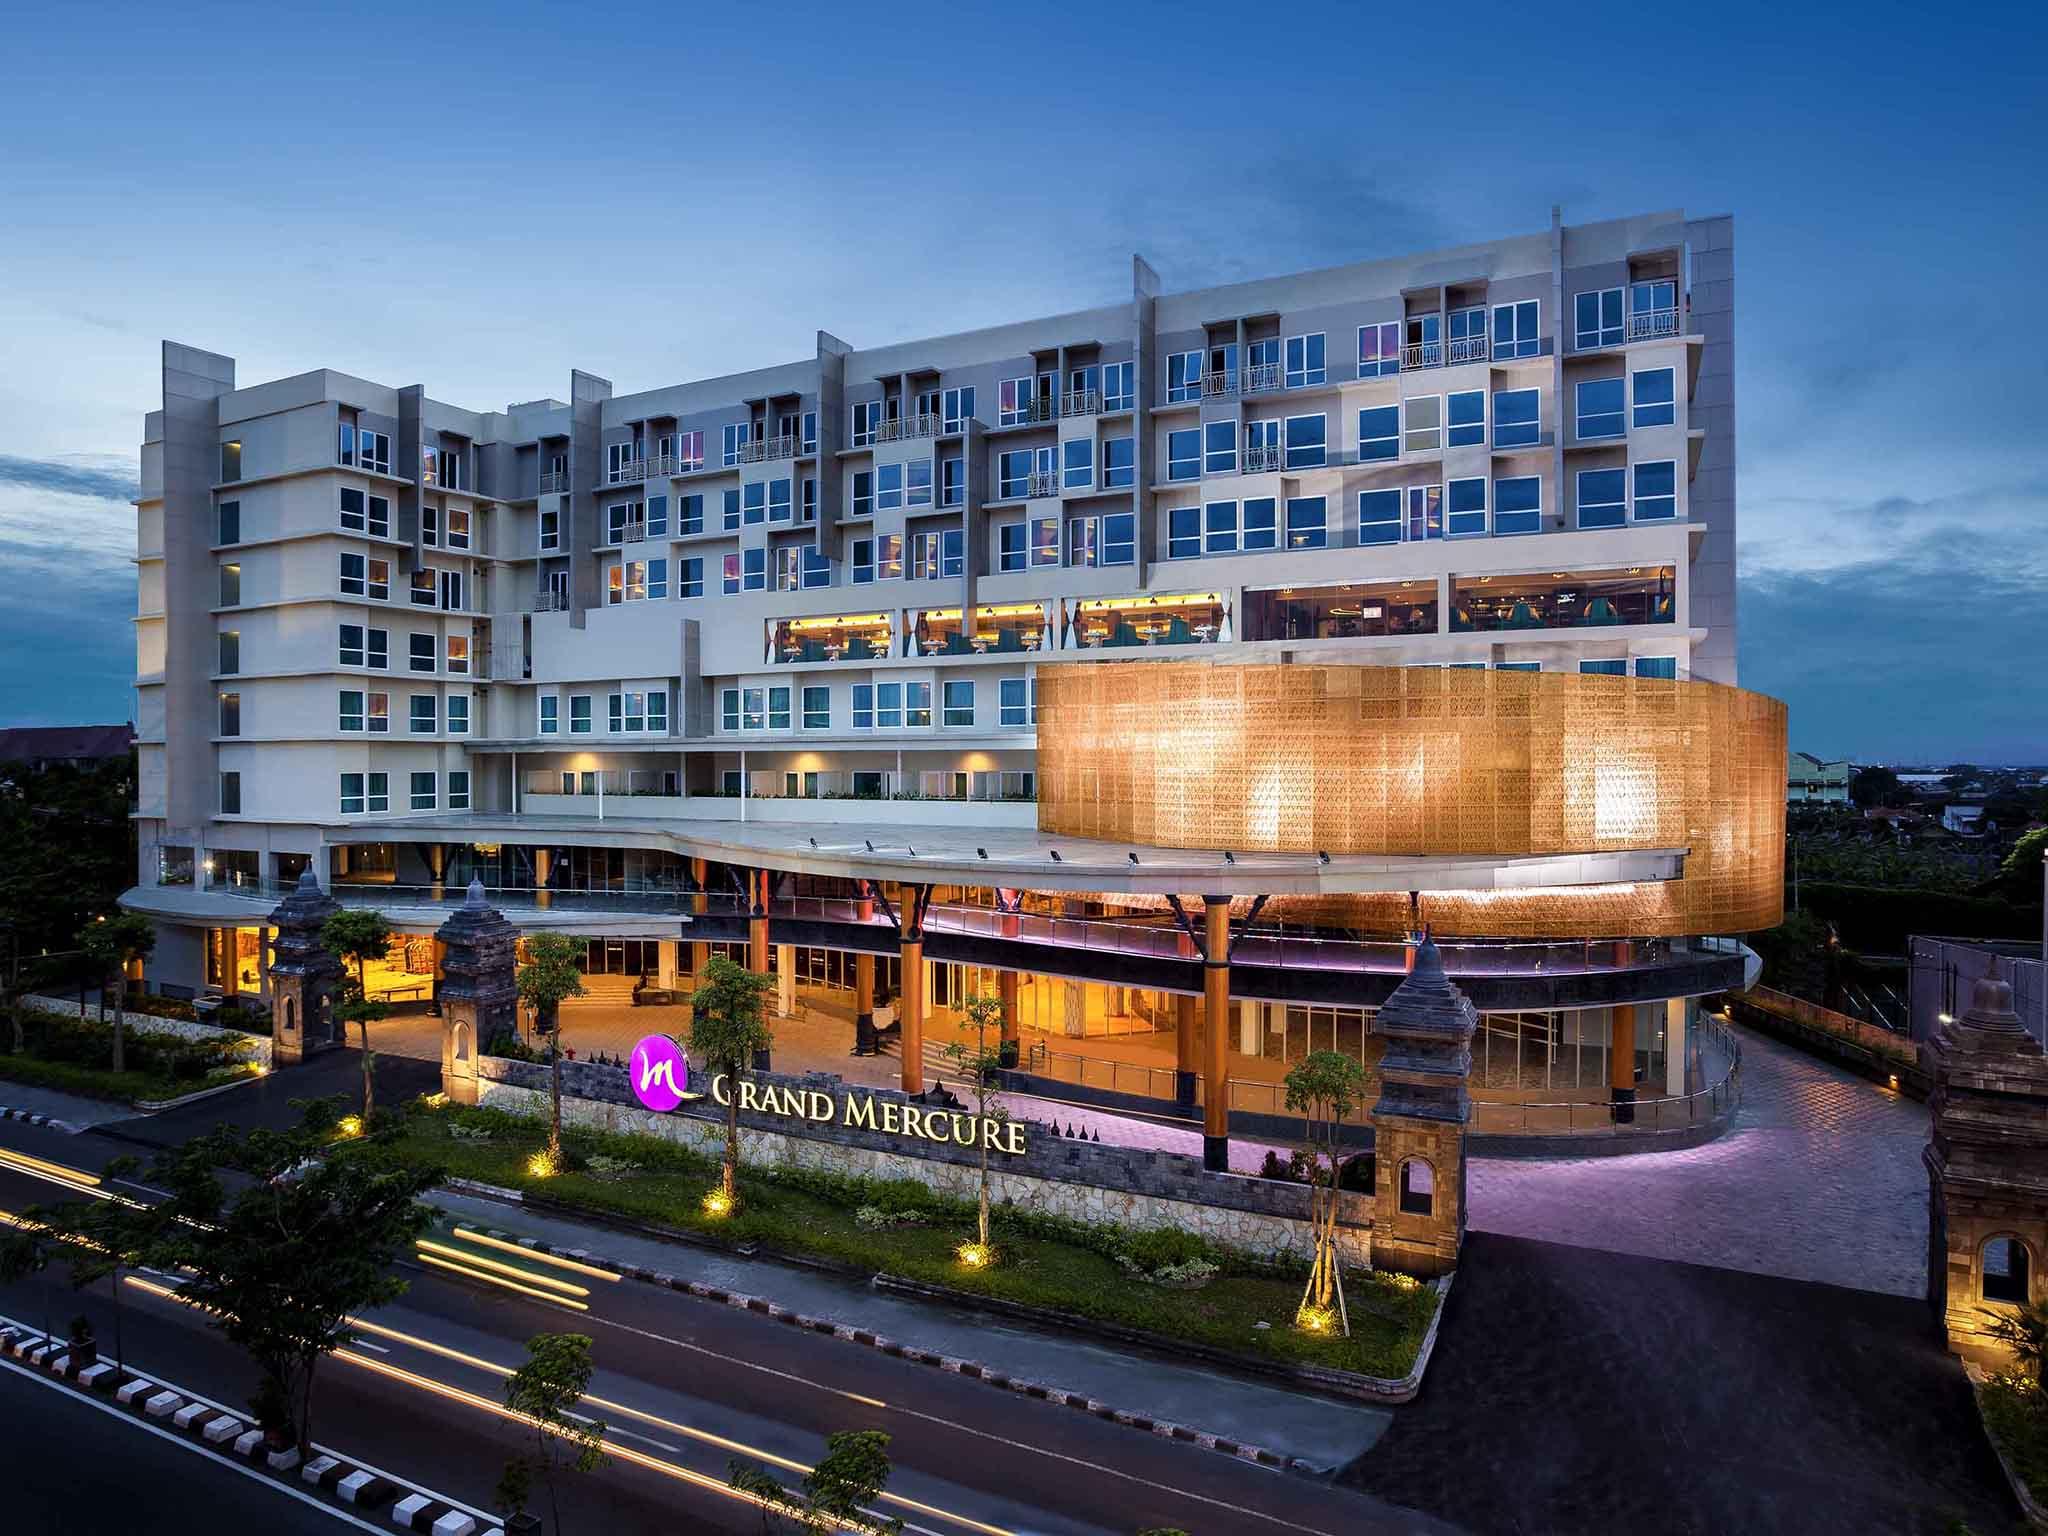 Mercure Hotel Membership